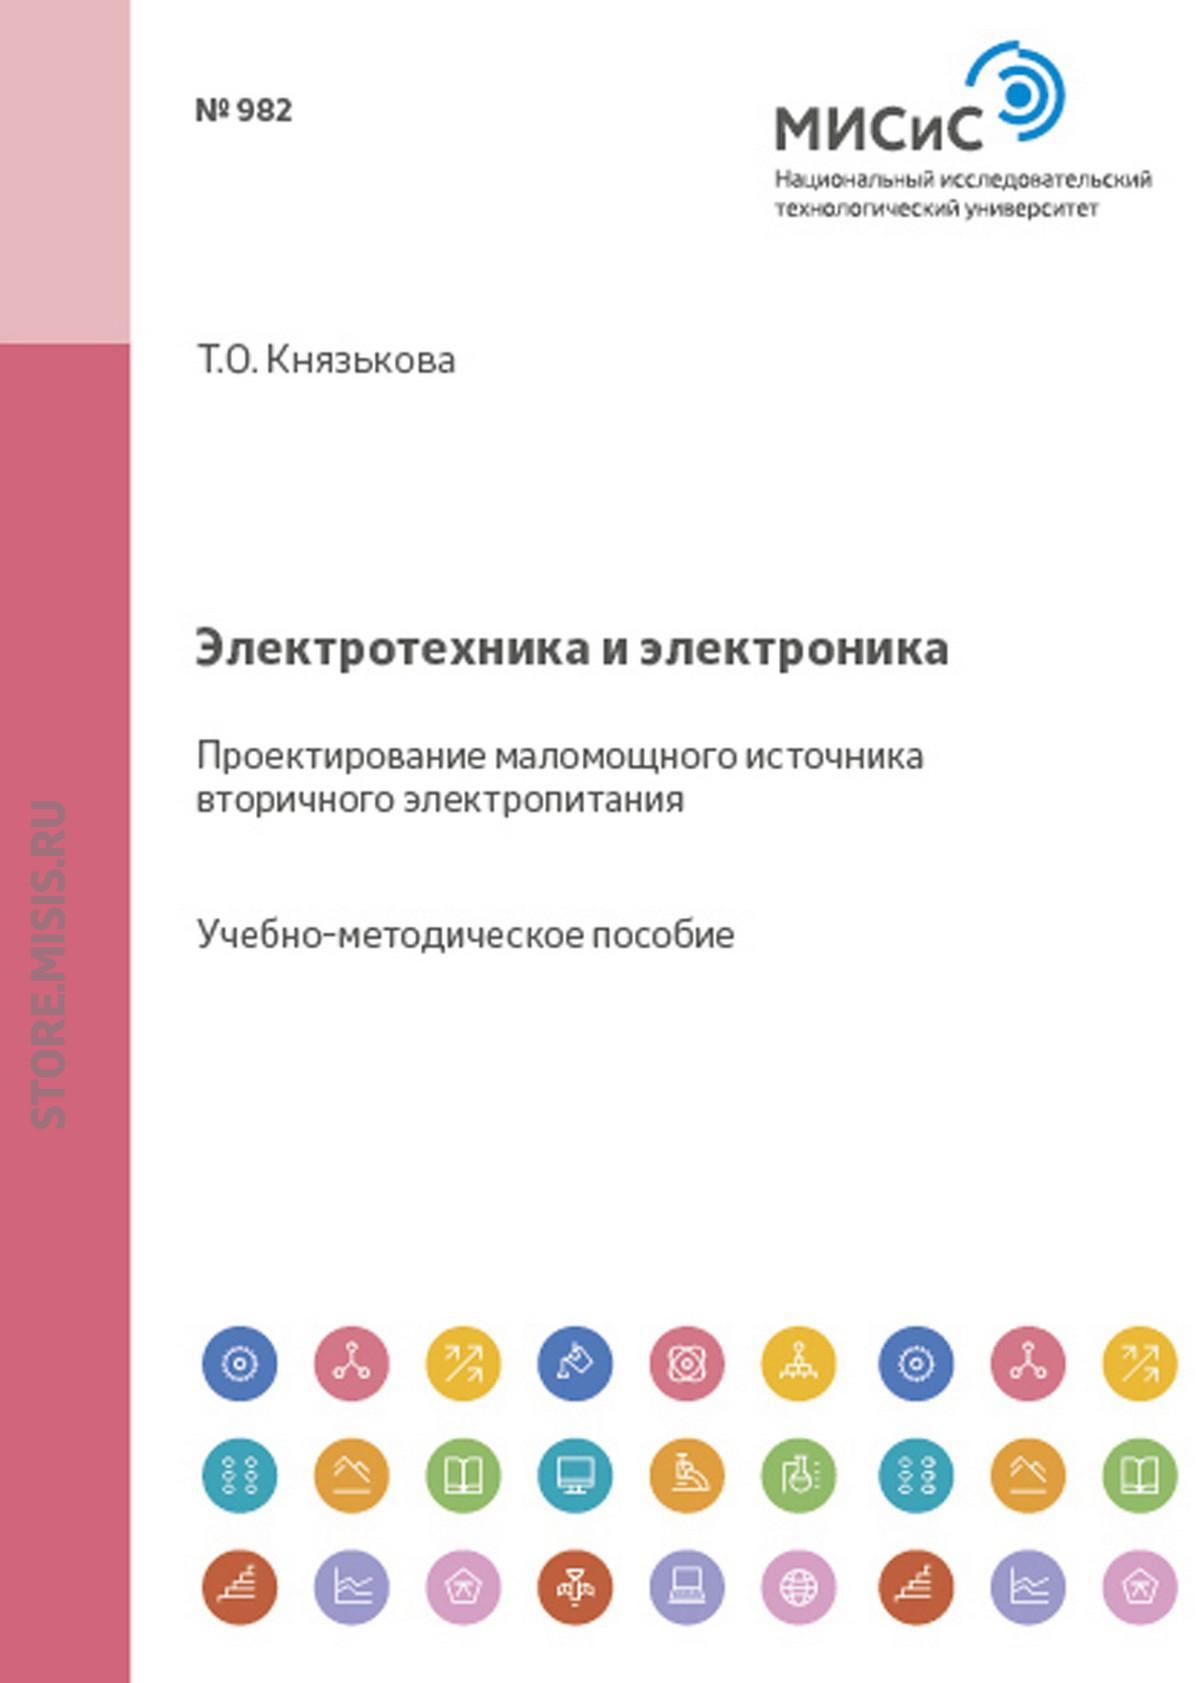 Татьяна Князькова Электротехника и электроника. Проектирование маломощного источника вторичного электропитания